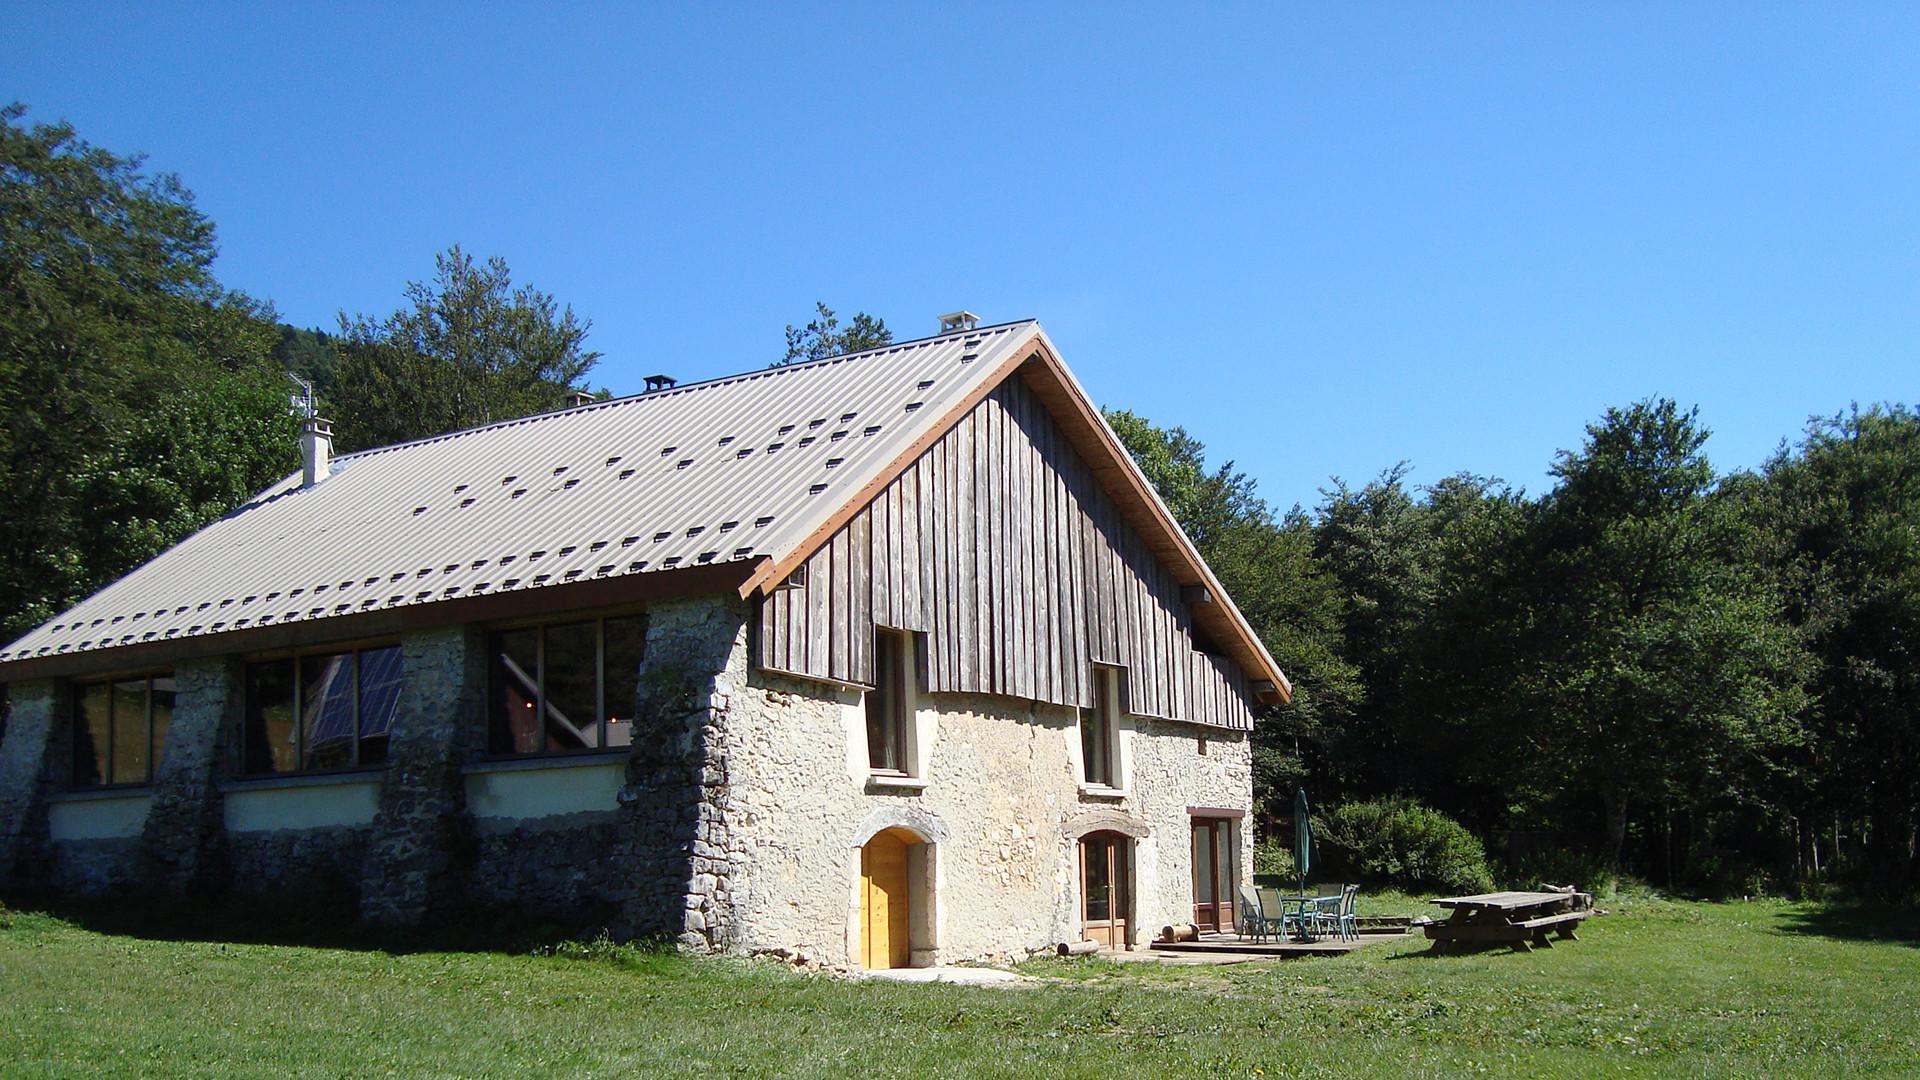 Les Chalets Nature Vercors - Location de chalets au coeur du parc naturel régional du Vercors